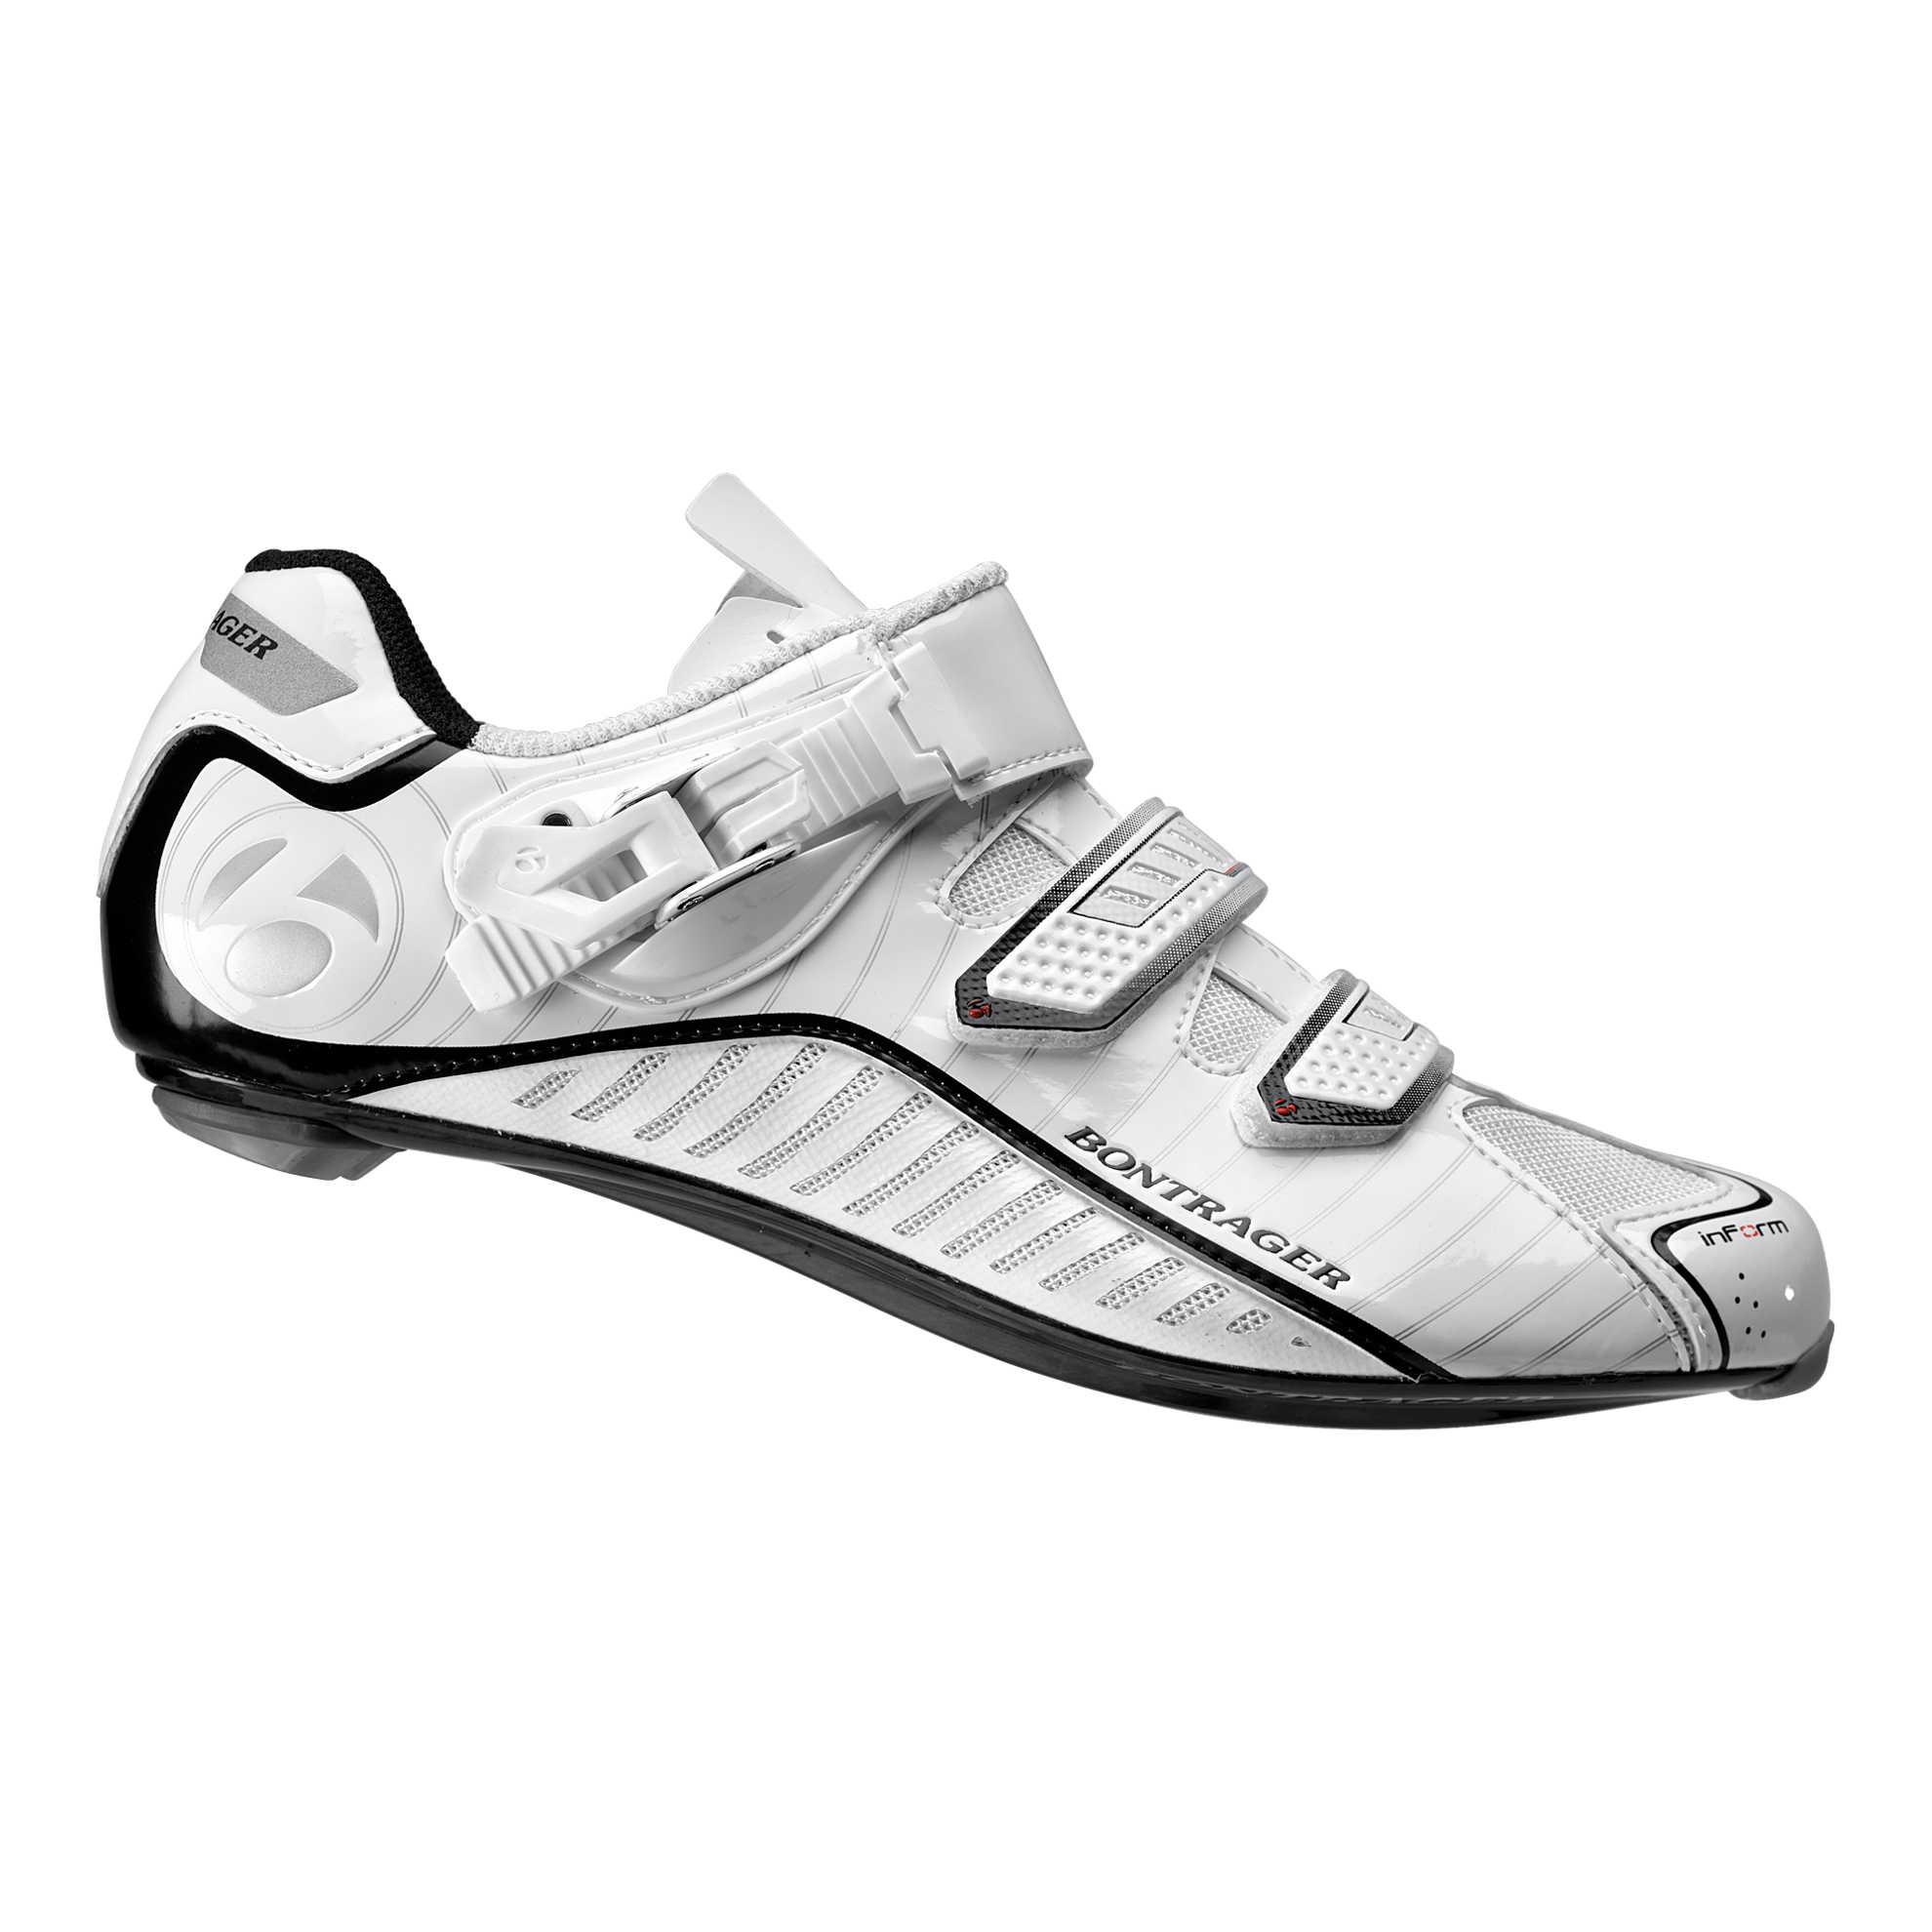 Bontrager RL Road Shoe Image